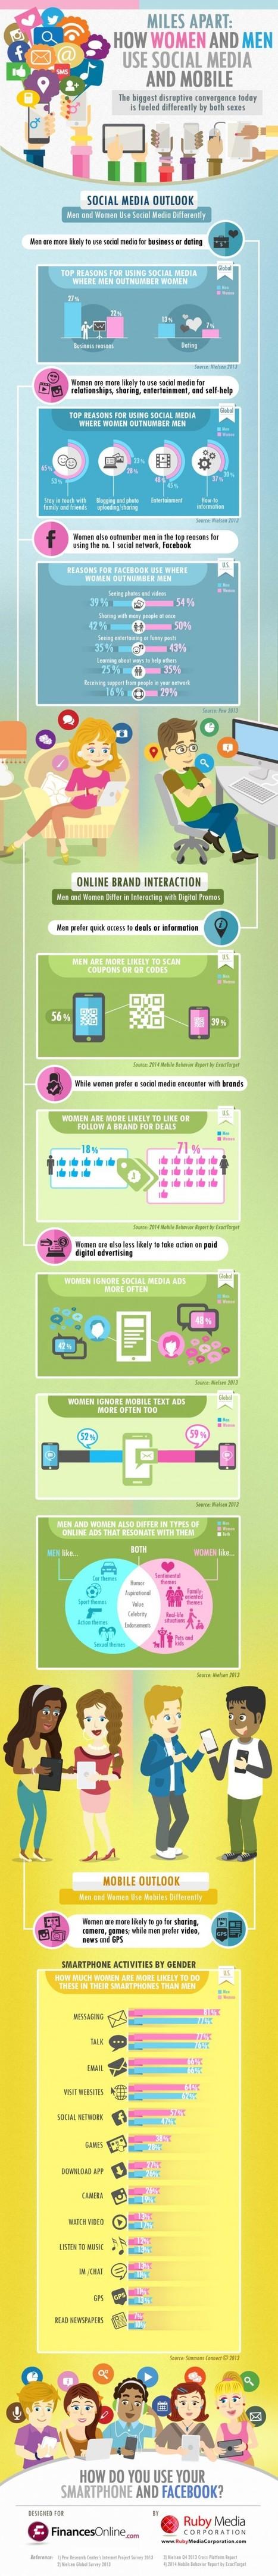 Infographie : Comment les hommes et les femmes se comportent sur les réseaux sociaux | Social Media | Scoop.it